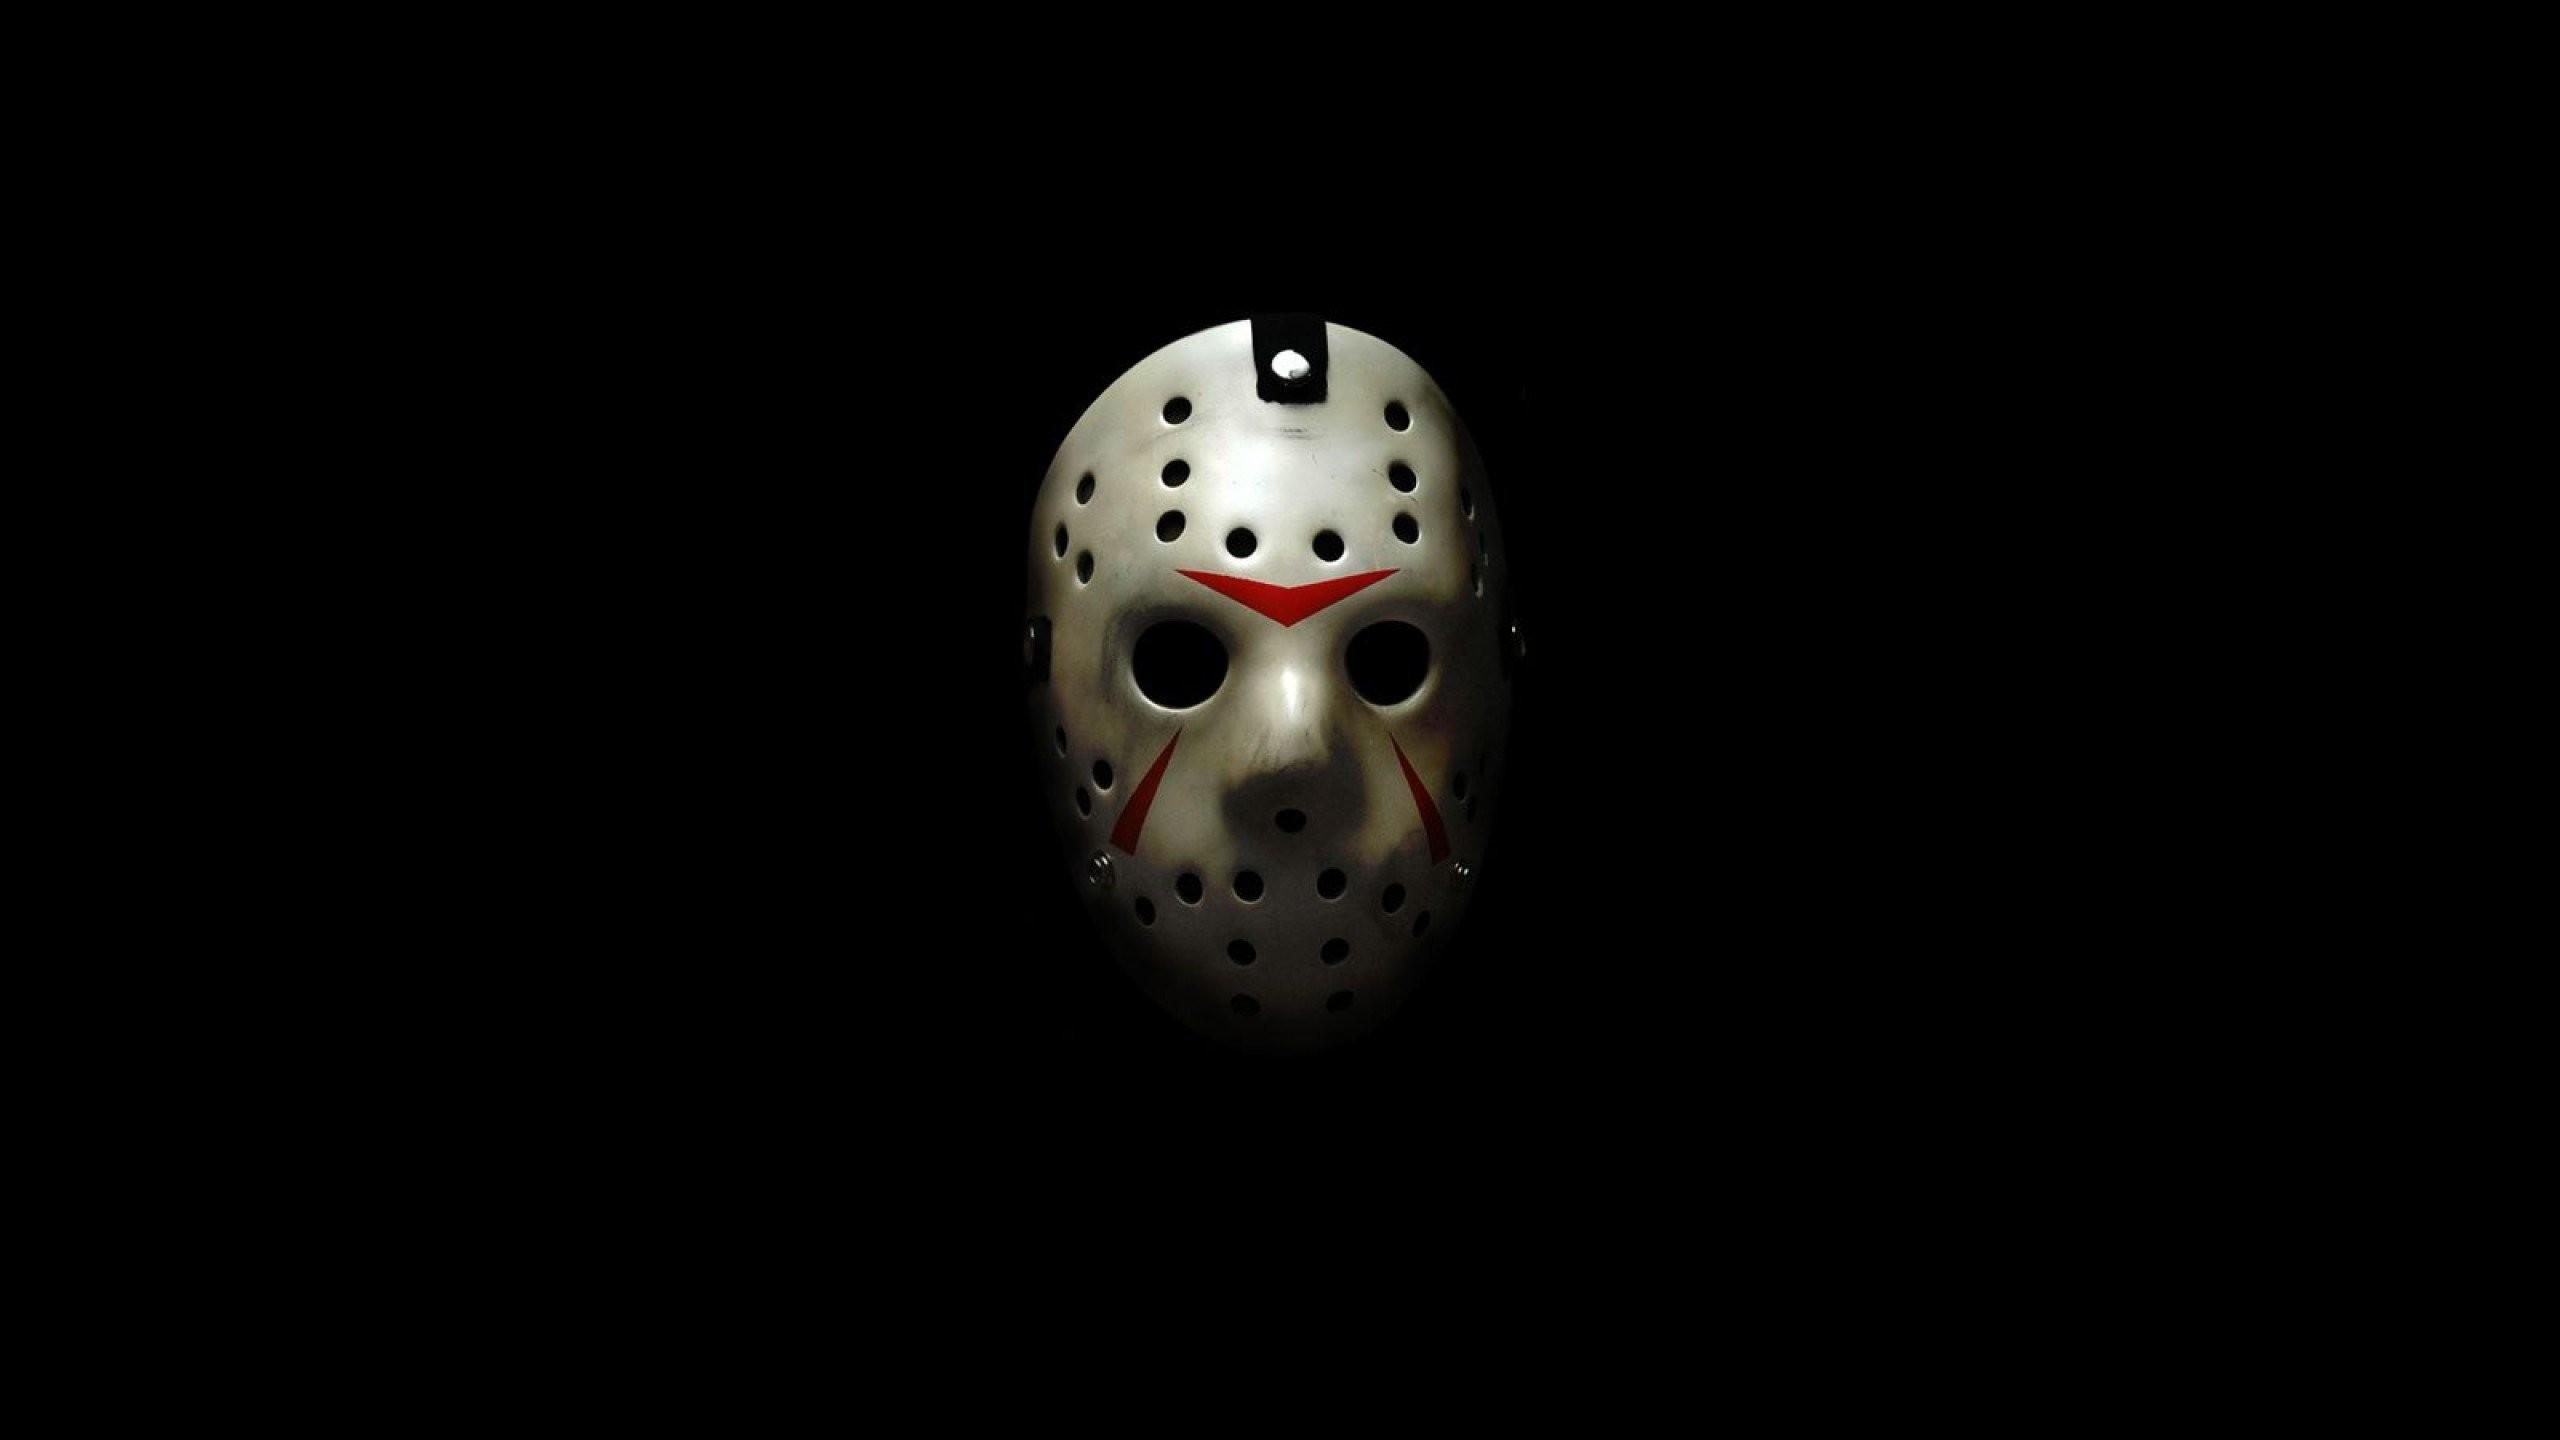 Res: 2560x1440, FRIDAY 13TH dark horror violence killer jason thriller fridayhorror  halloween mask wallpaper |  | 604222 | WallpaperUP